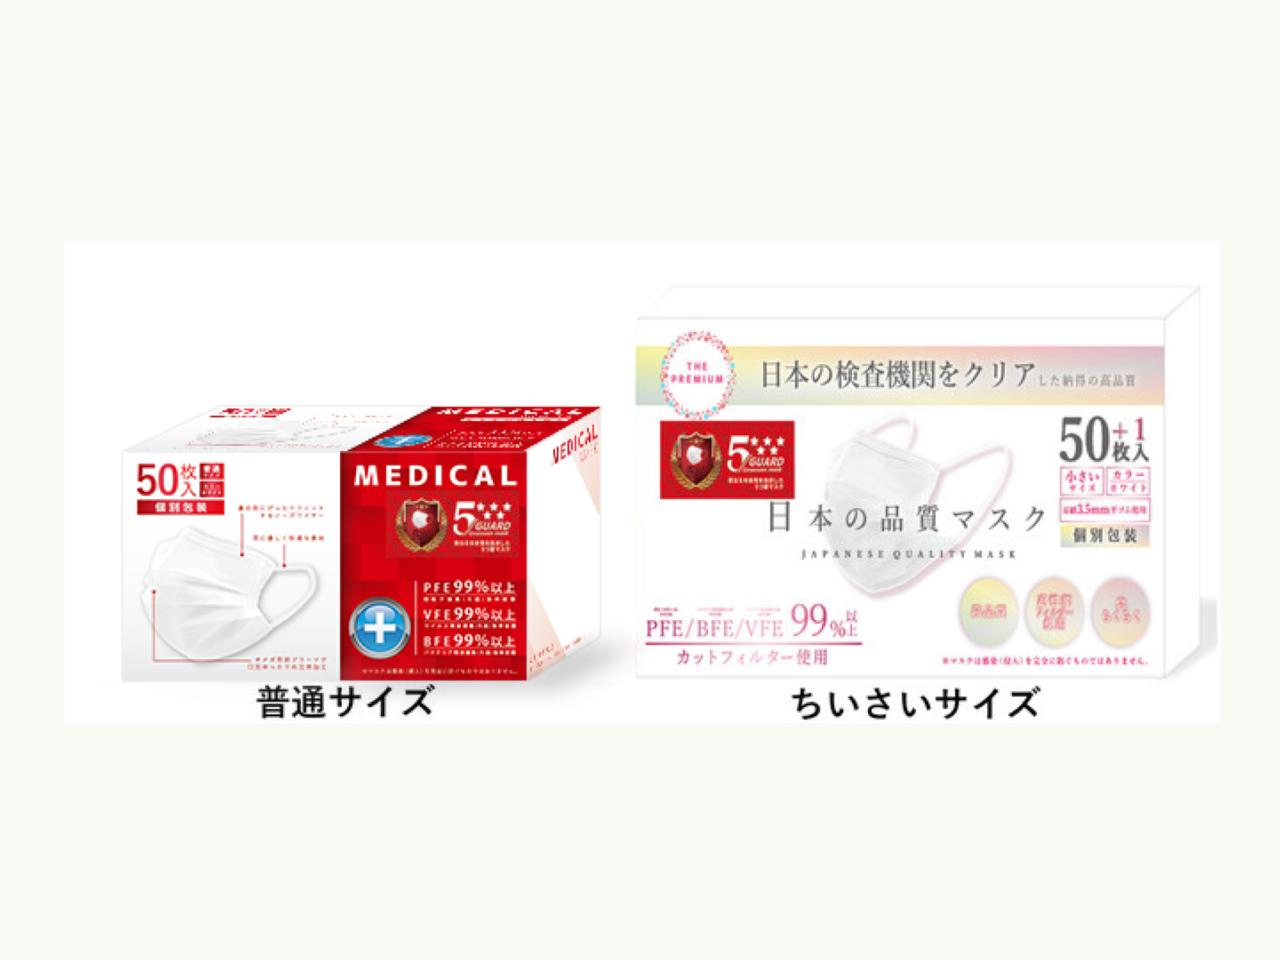 1箱(50枚)740円。ウィルス99%カット「医療用メディカルマスク」が特別価格キャンペーン中。